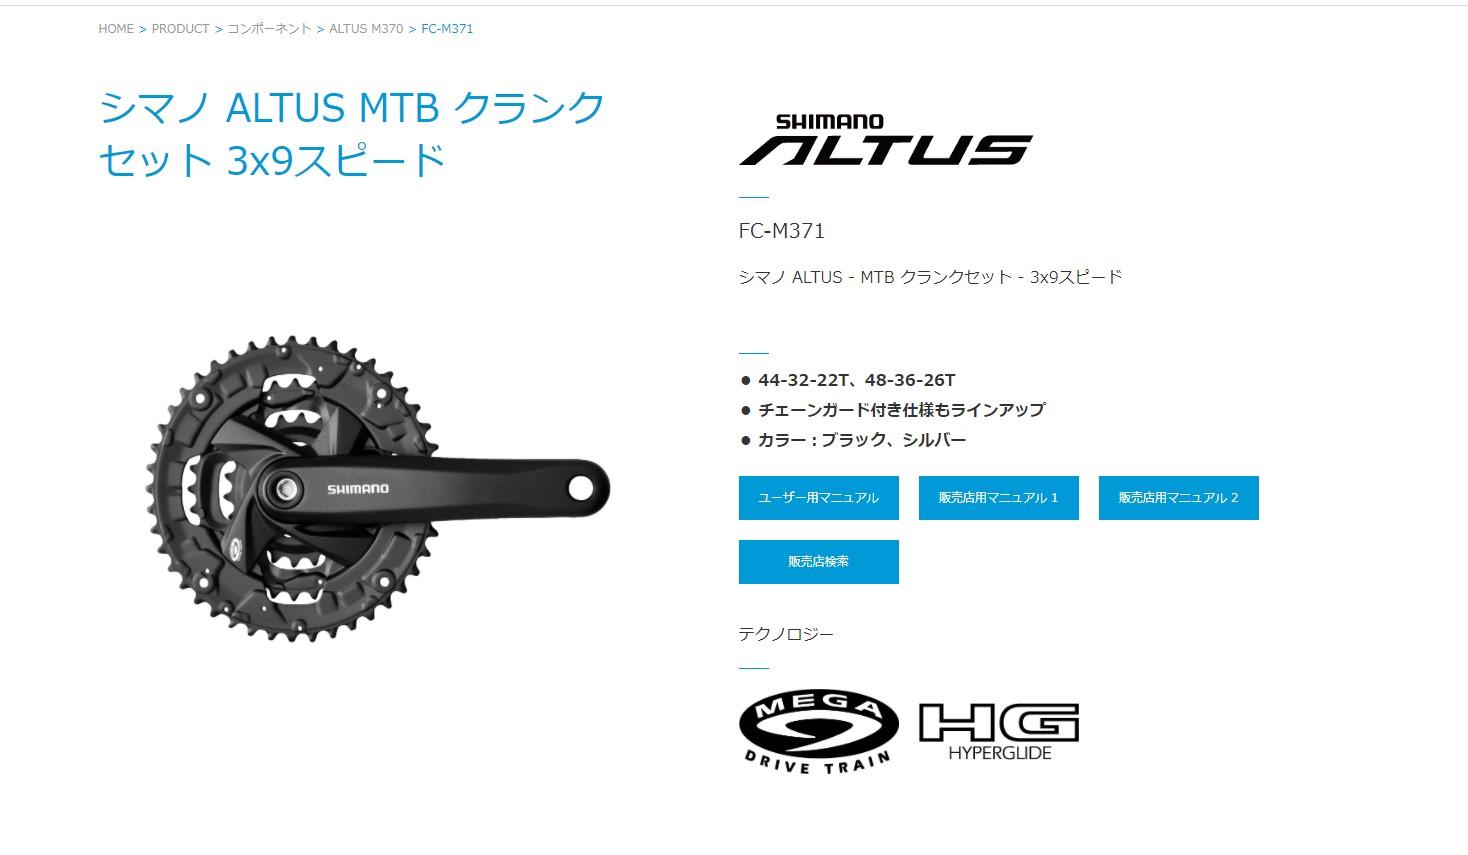 シマノ fc-m371の詳細項目